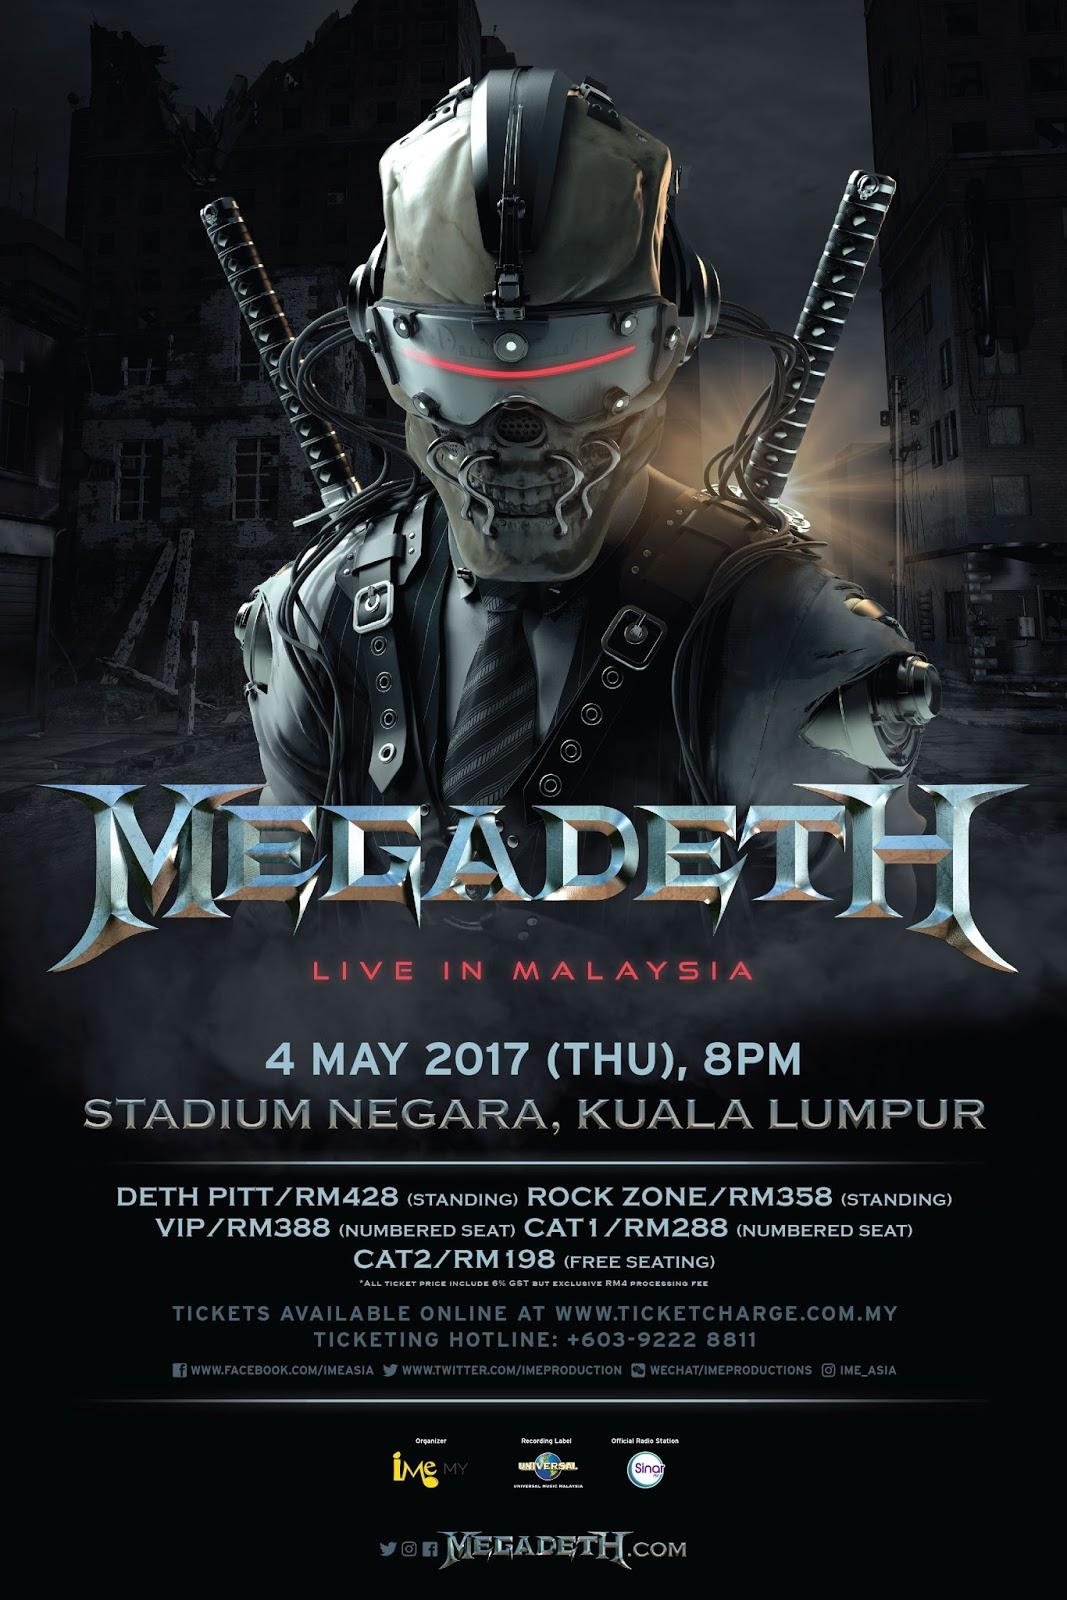 Concert] MEGADETH LIVE IN MALAYSIA 2017 @ Stadium Negara